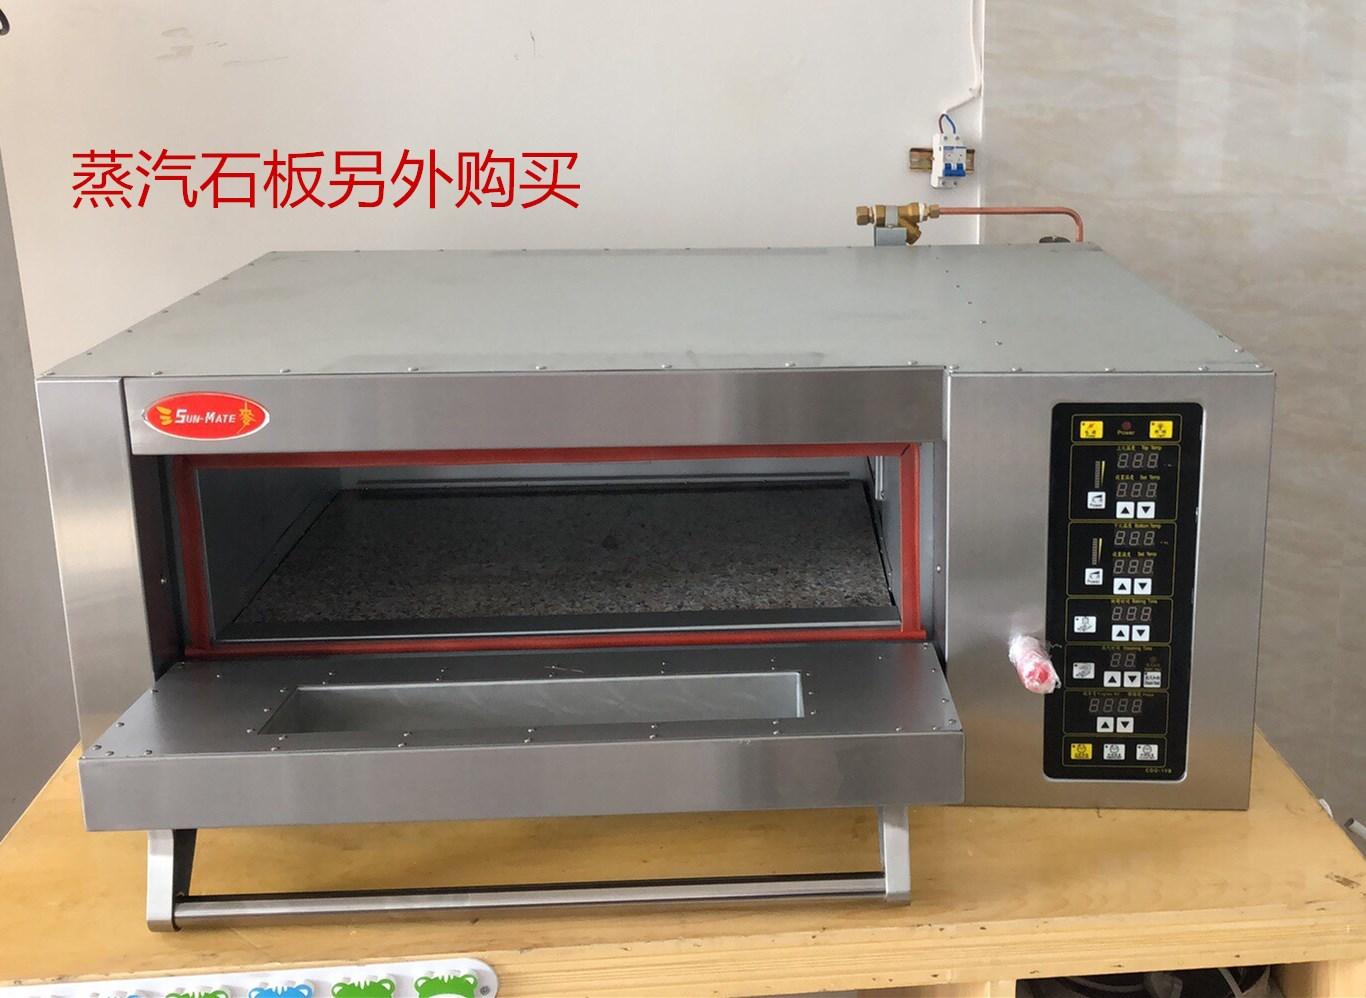 电烤箱三麦单层单盘烤箱商用烤箱三麦烤箱SES-1Y披萨可加蒸汽烤箱